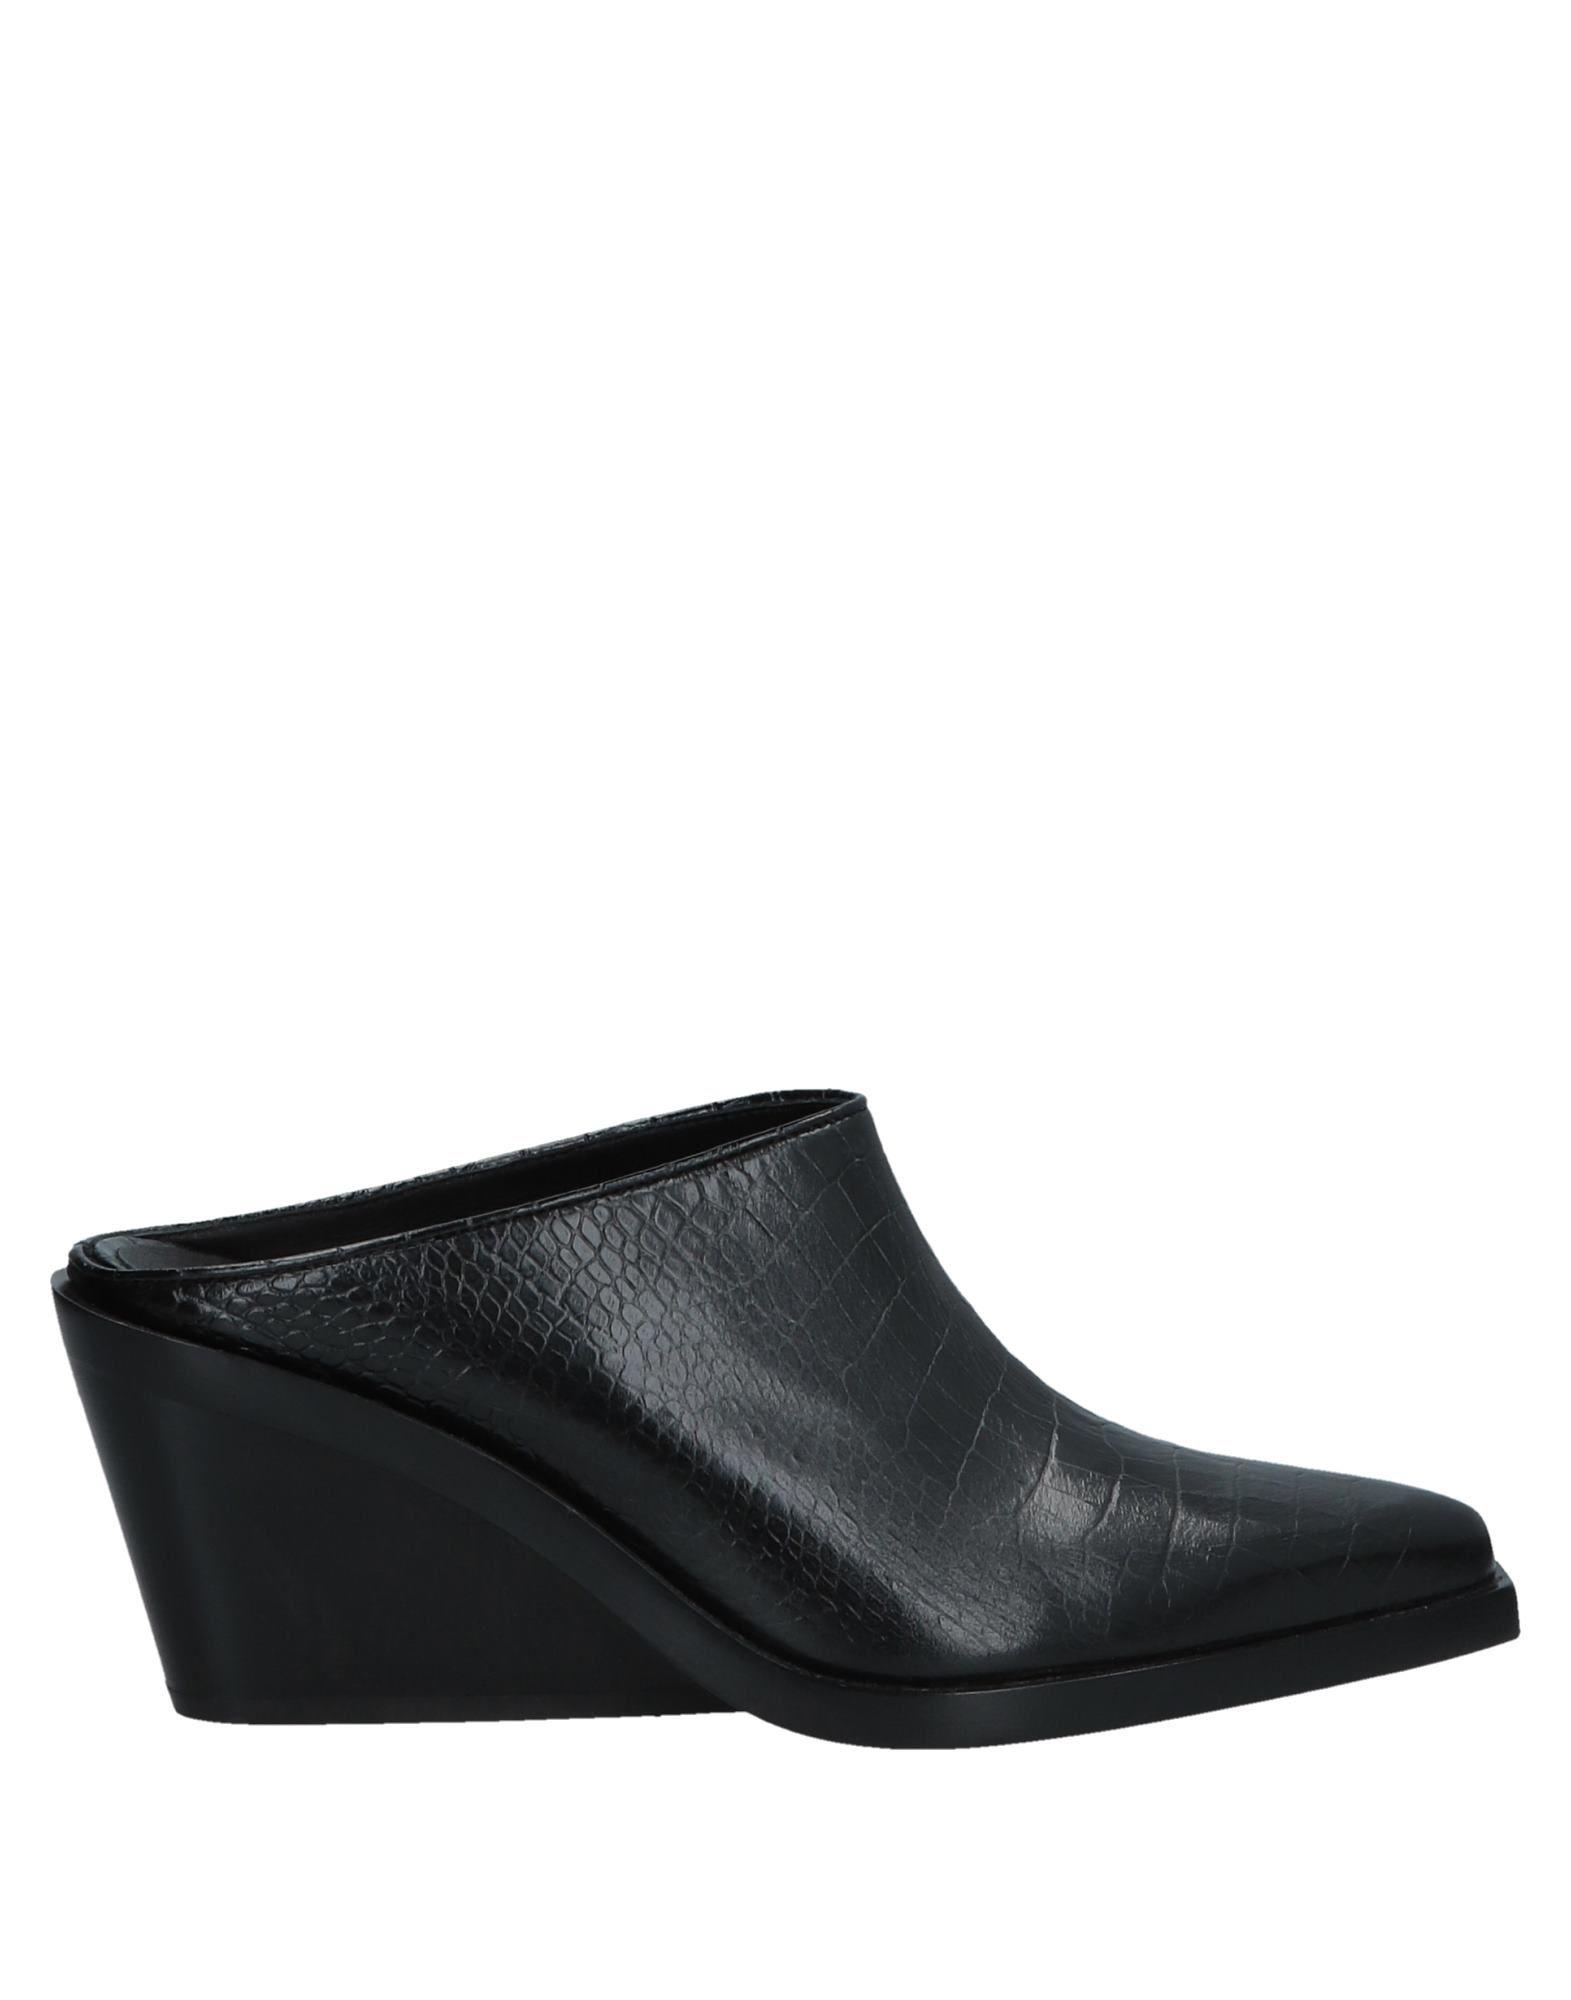 Rag & Bone Pantoletten aussehende Damen  11572494KUGünstige gut aussehende Pantoletten Schuhe 13be5e